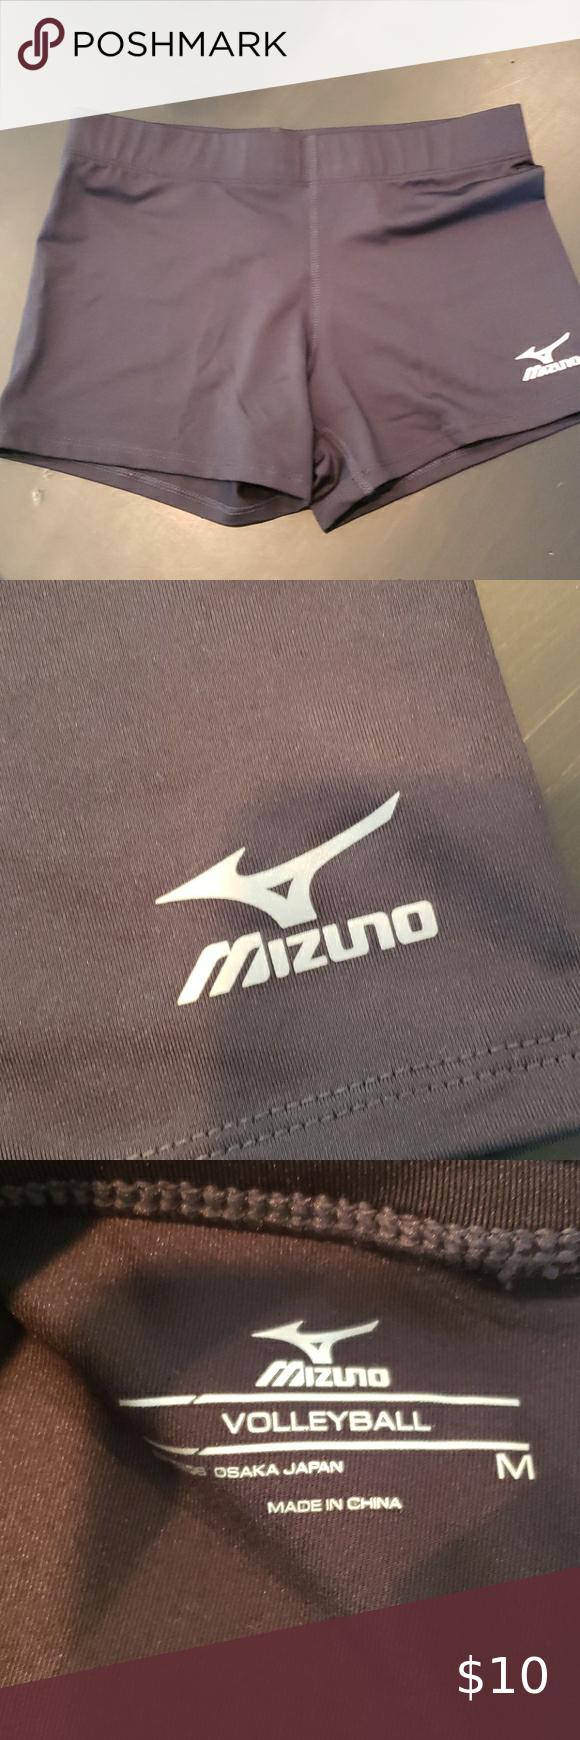 Mizuno Volleyball Spandex Short In 2020 Volleyball Spandex Spandex Shorts Volleyball Spandex Shorts